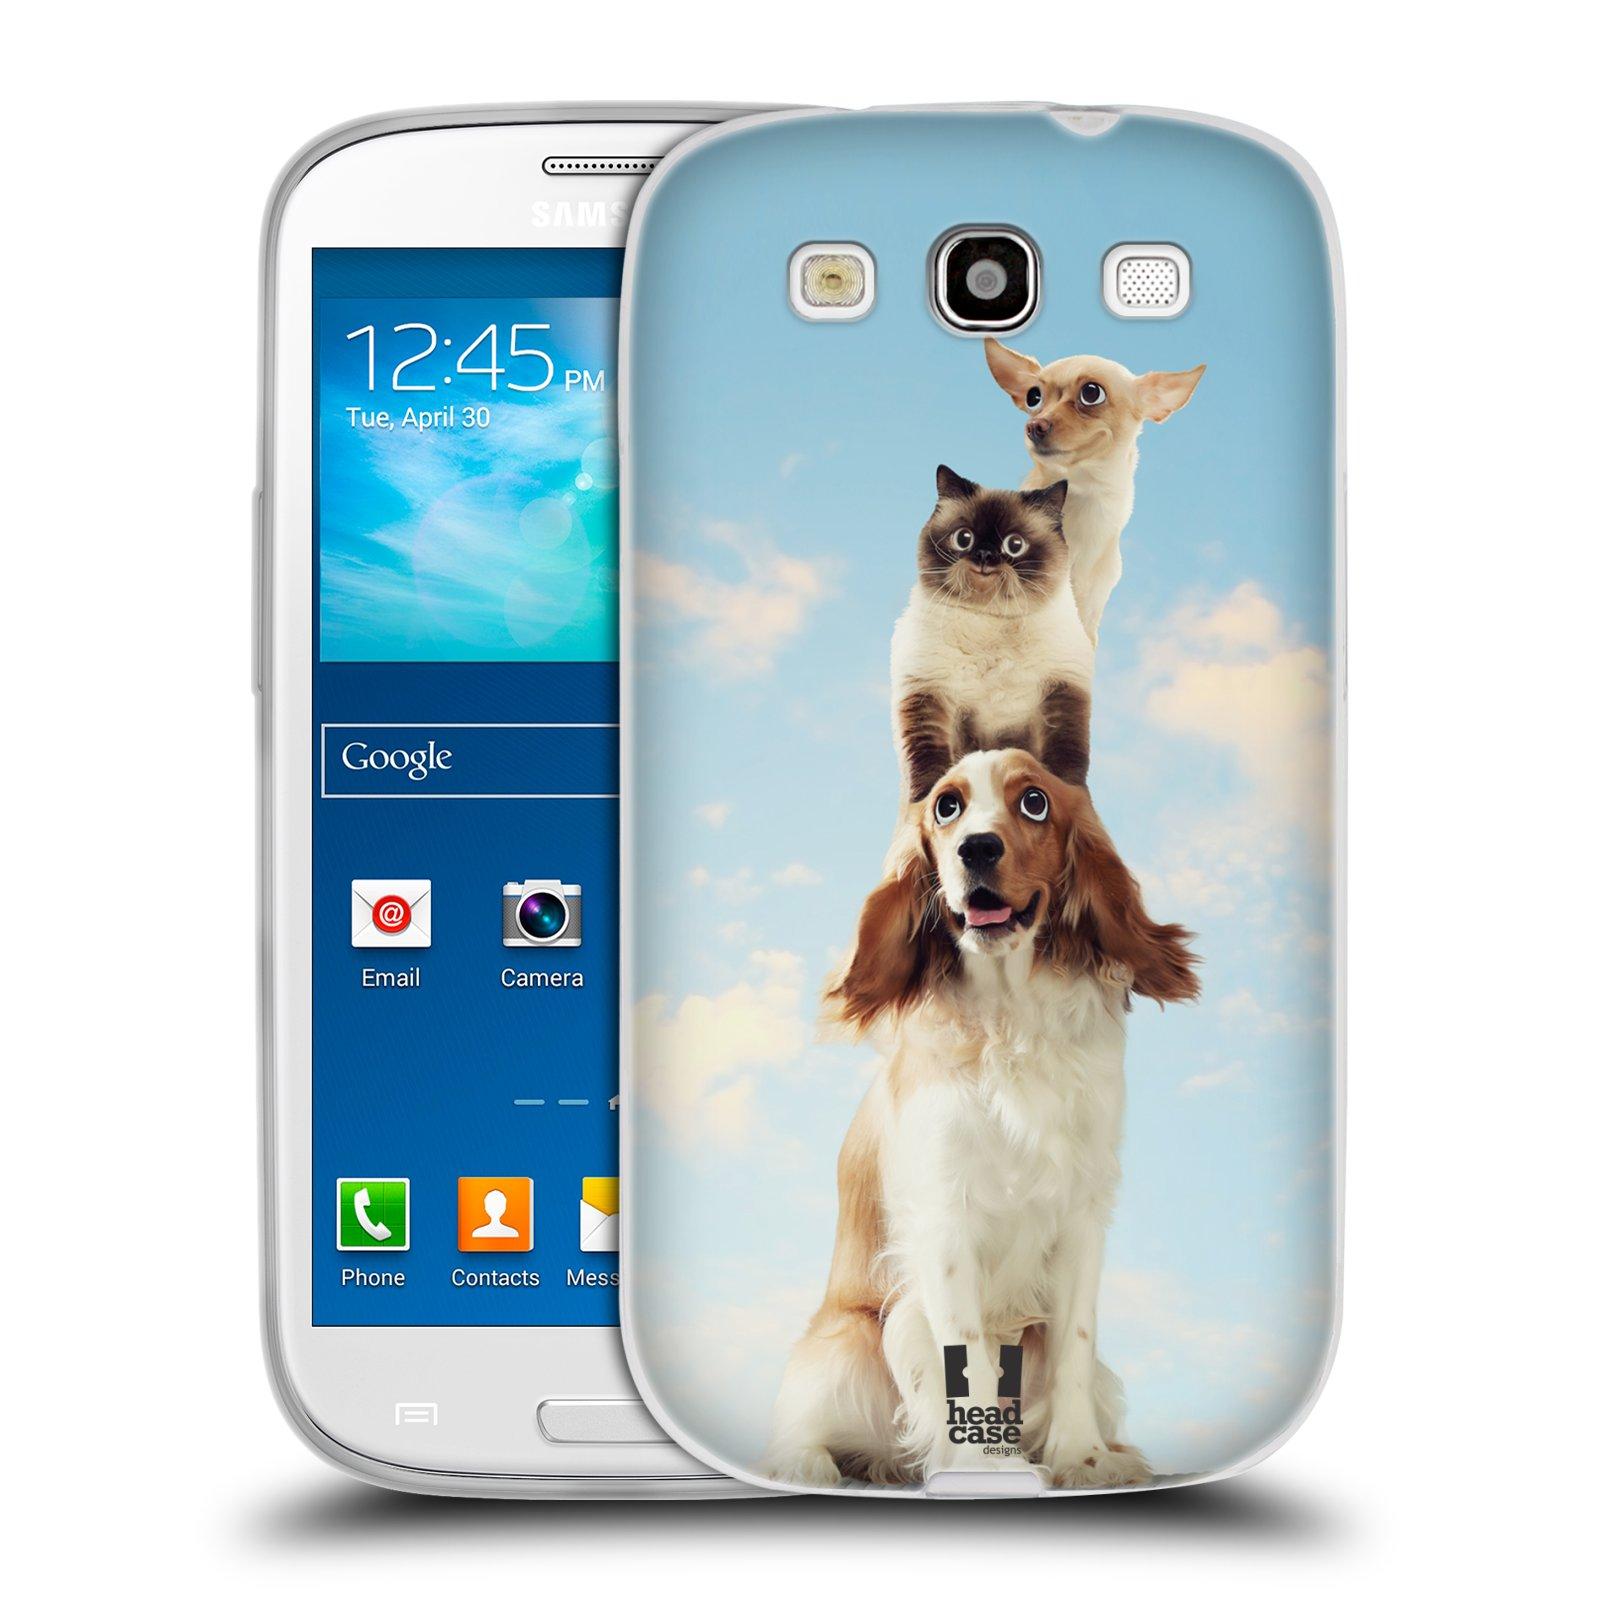 HEAD CASE silikonový obal na mobil Samsung Galaxy S3 i9300 vzor Legrační zvířátka zvířecí totem